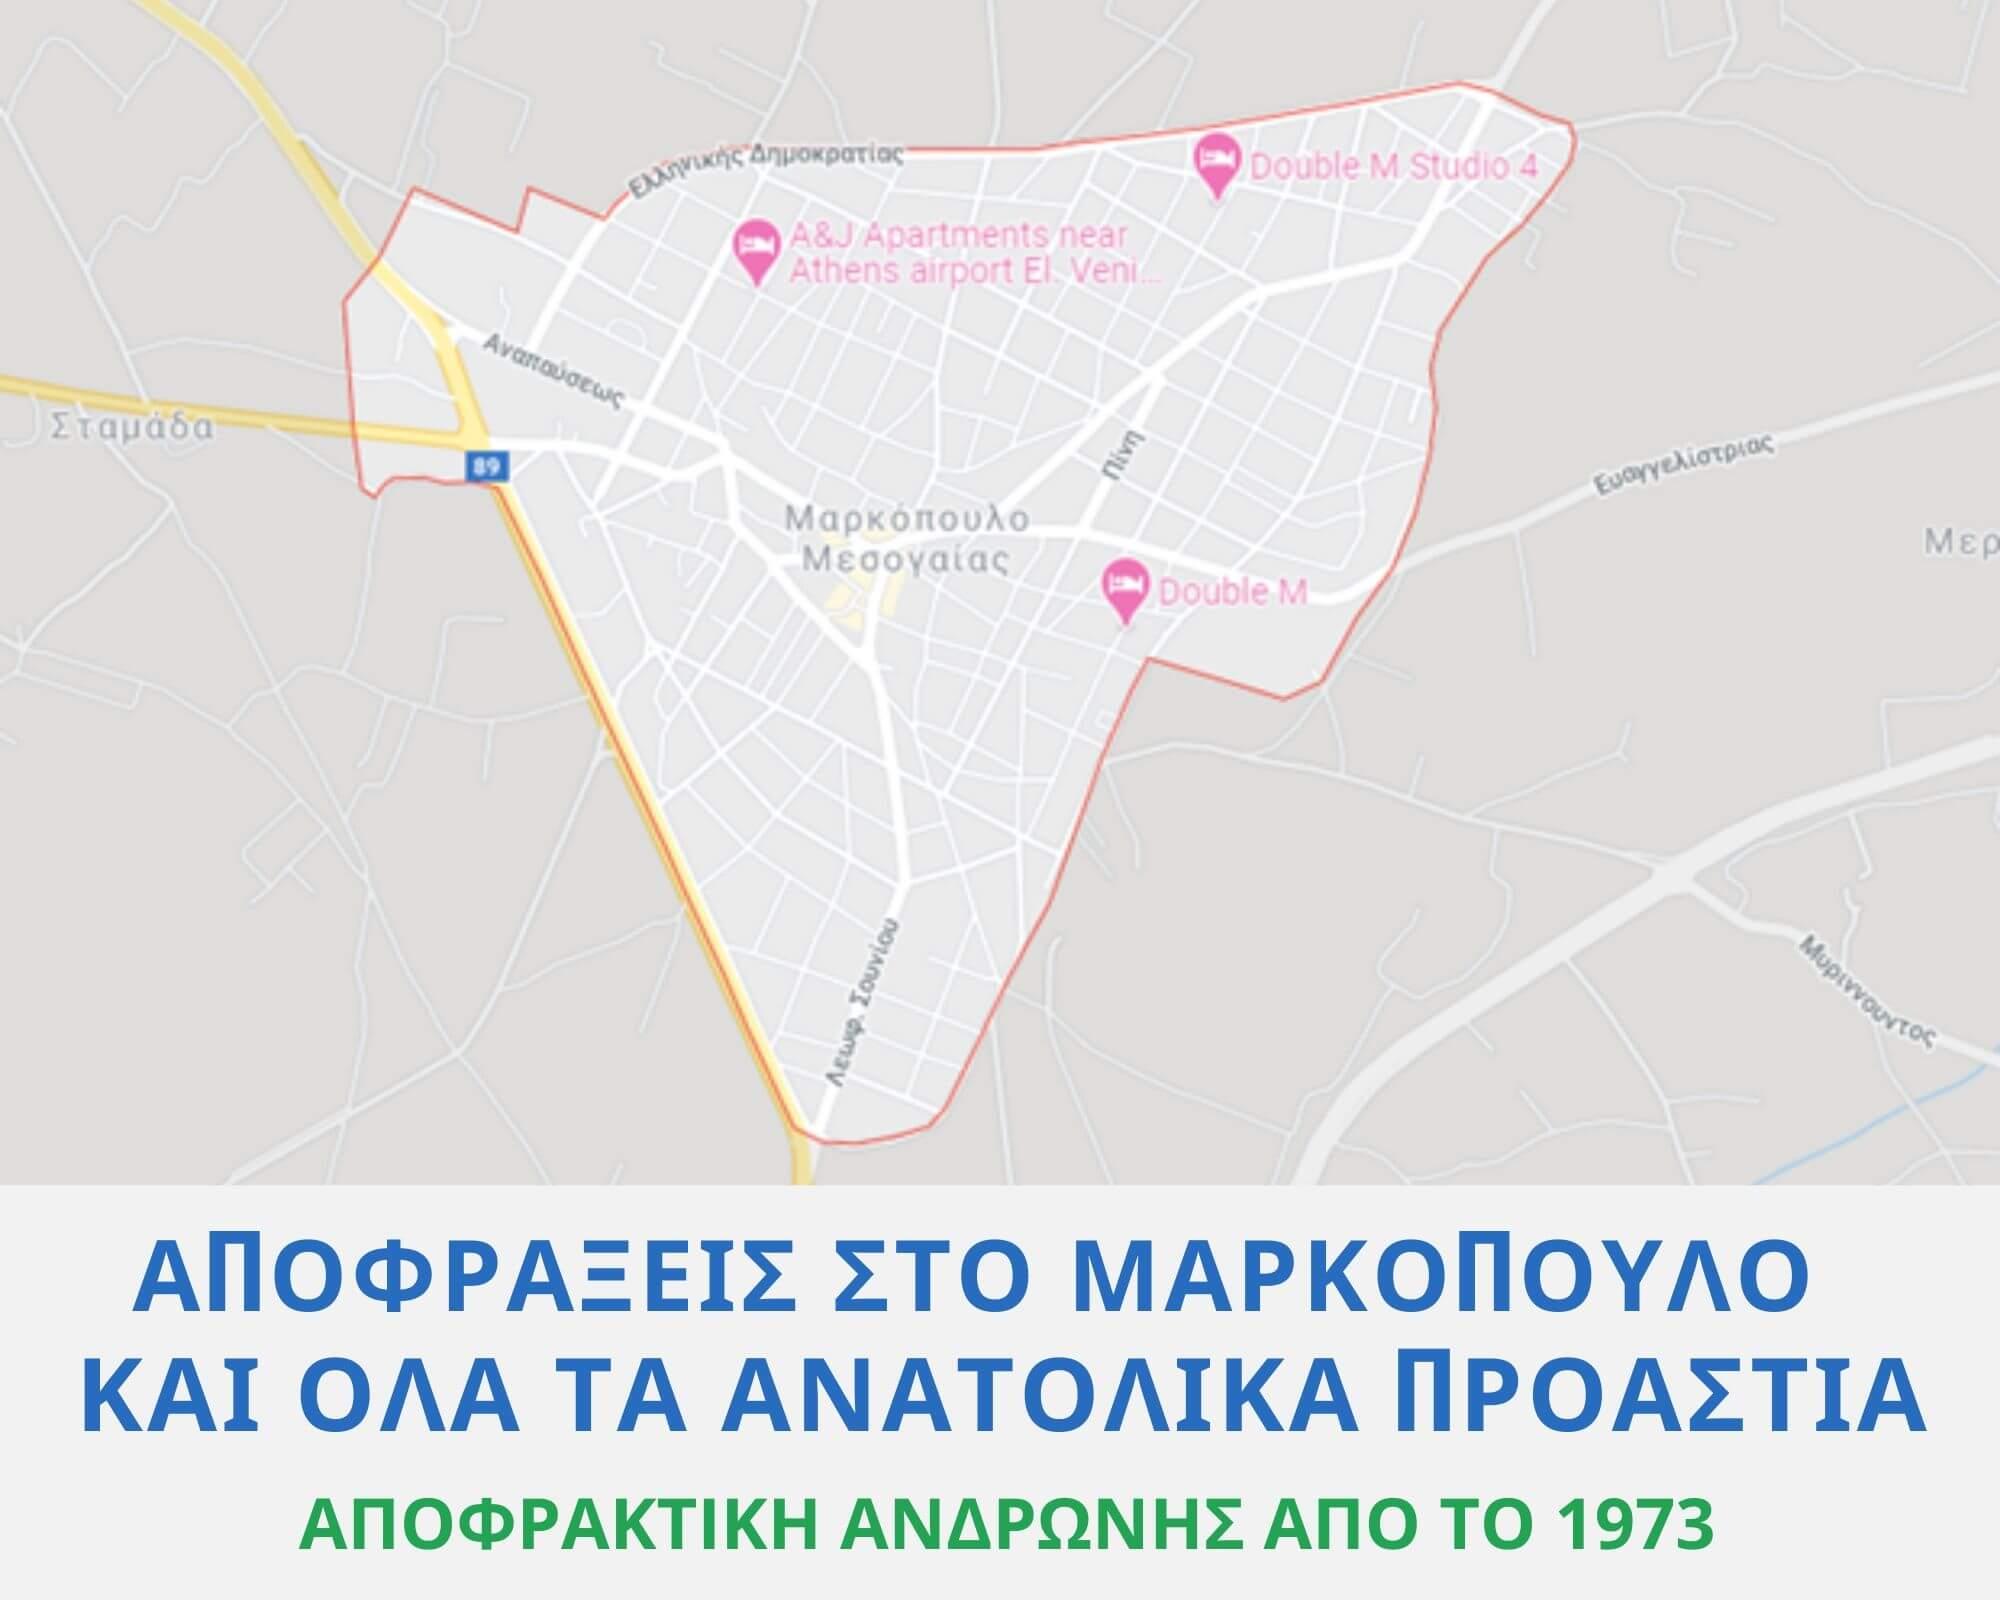 Αποφράξεις Μαρκόπουλο - 213.02.50.818 - Αποφράξεις Αθήνα